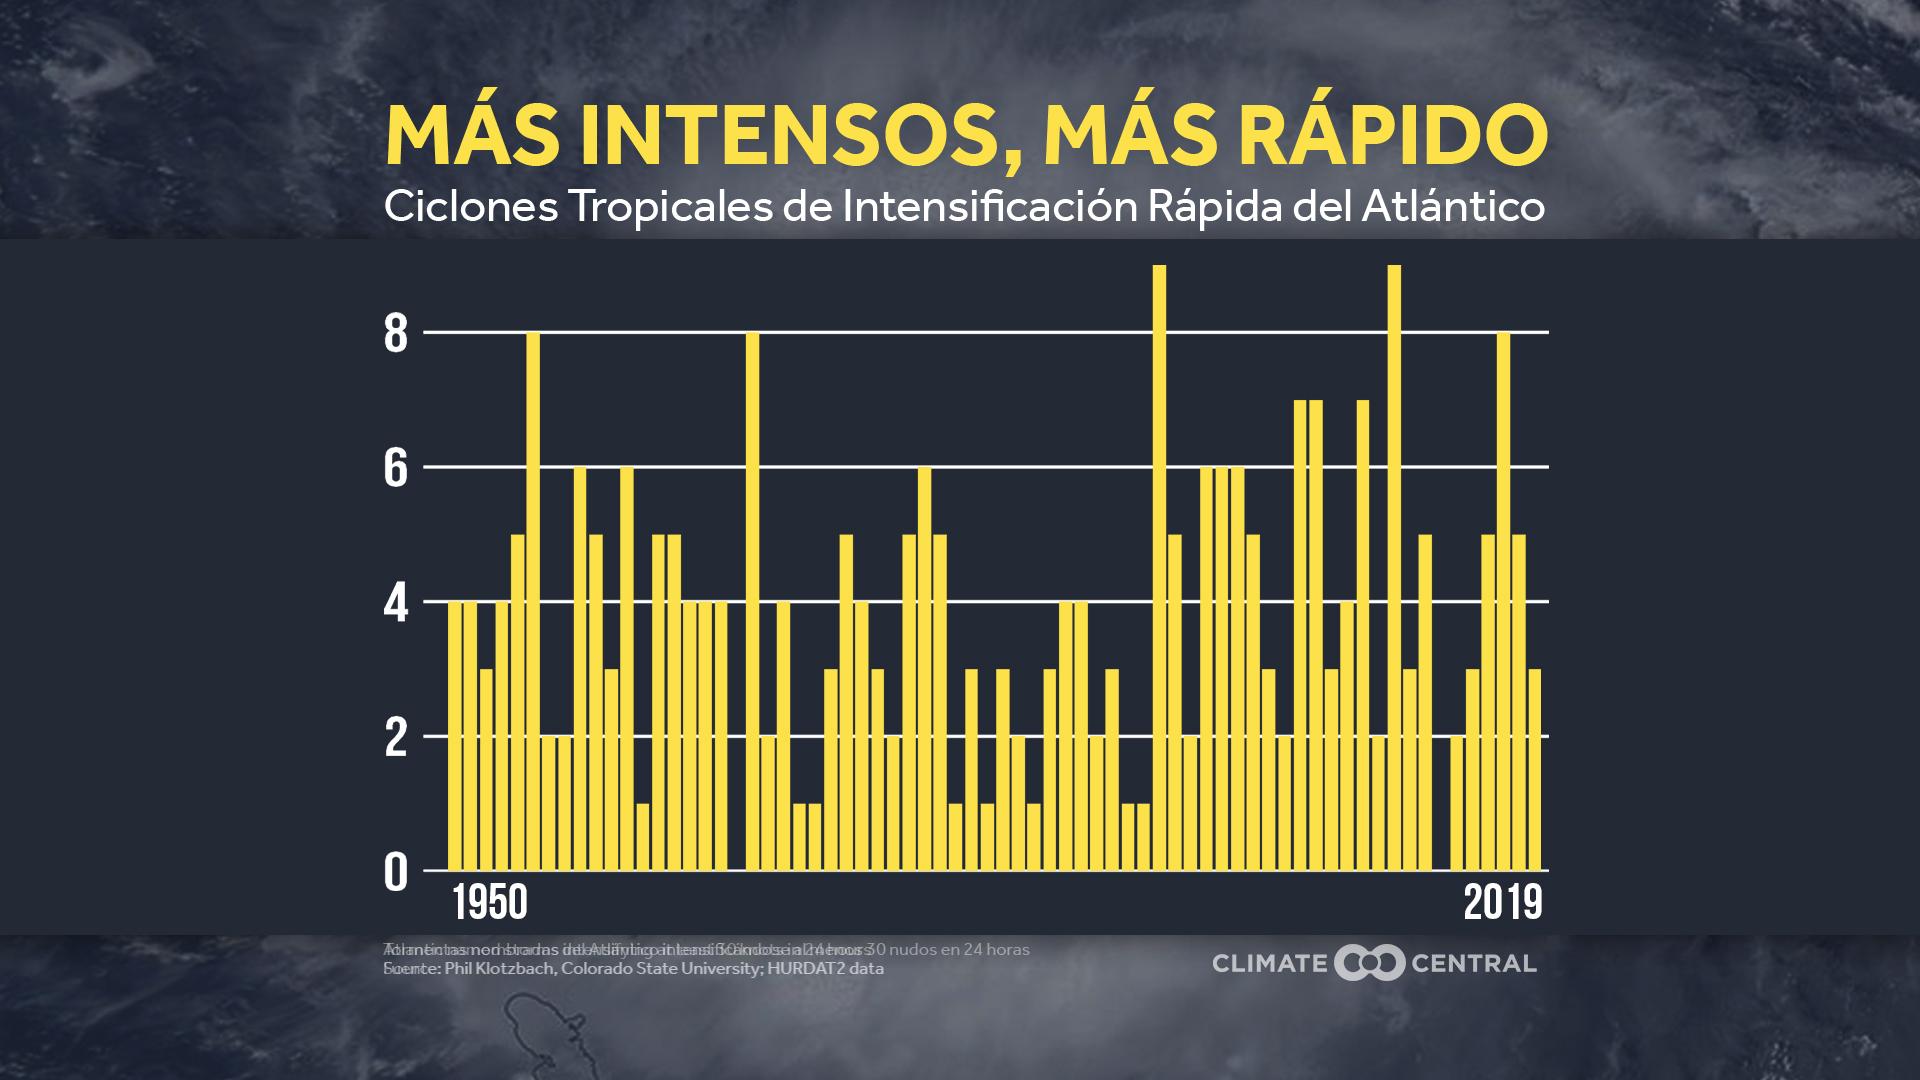 Intensificación rápida de huracanes, 1950-2019